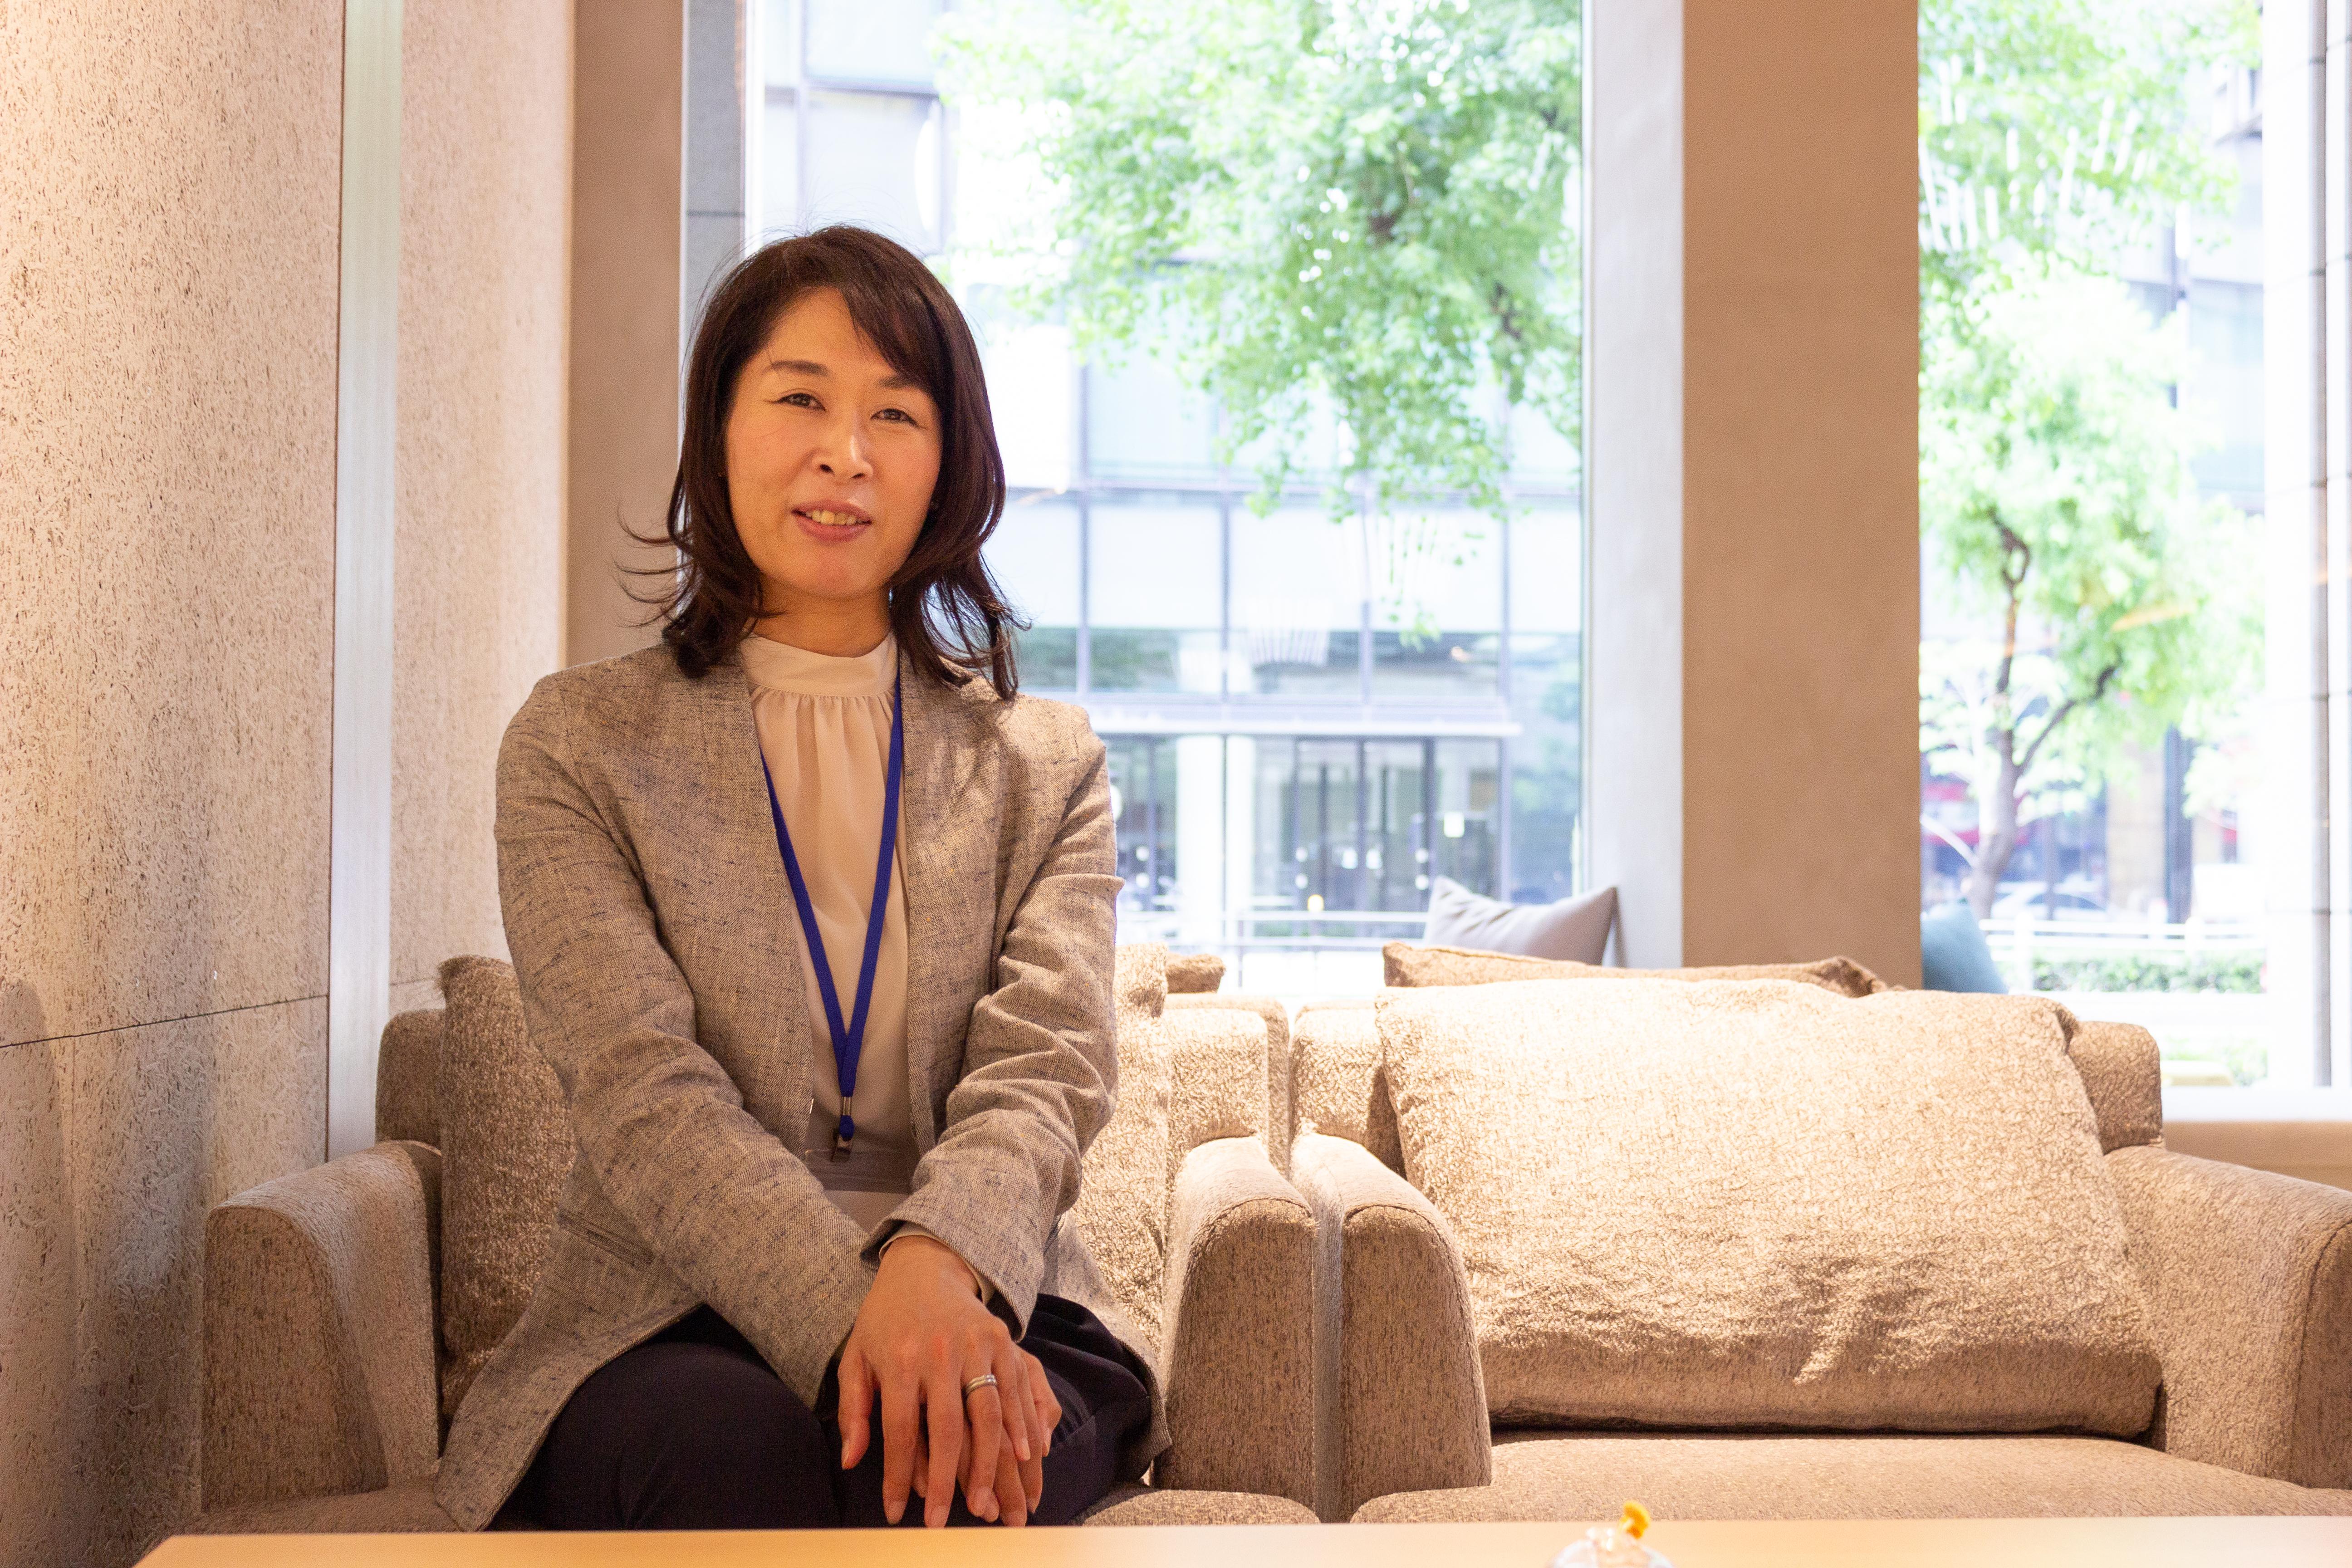 関西のプロジェクトデザイナー・ゆきえさんに聞いてみた!(後編) 〜デザイナーとして実現したいことって何です…